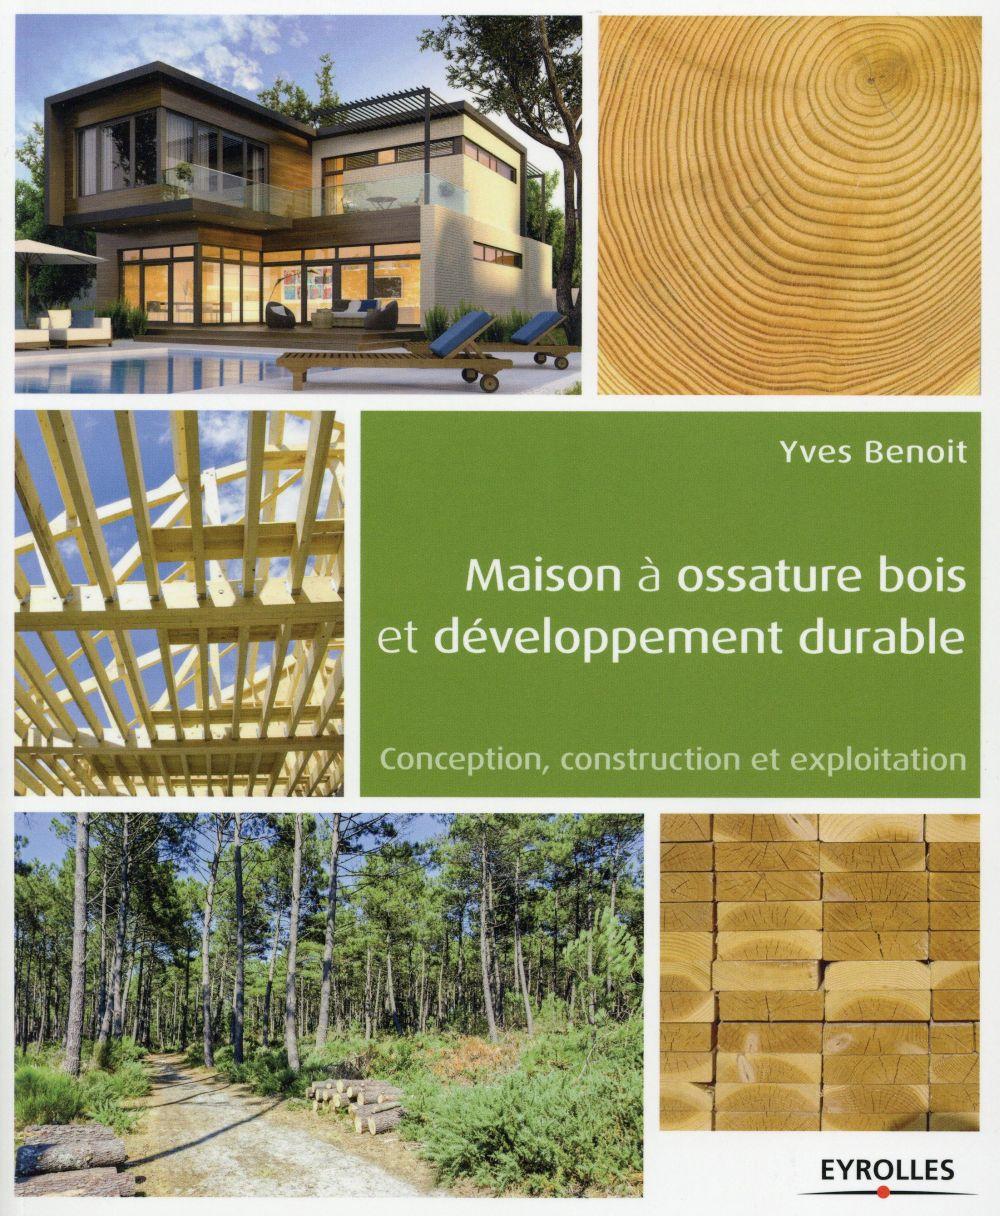 MAISON A OSSATURE BOIS ET DEVELOPPEMENT DURABLE CONCEPTION, CONSTRUCTION ET EXPLOITATION - CONCEPTIO BENOIT YVES Eyrolles